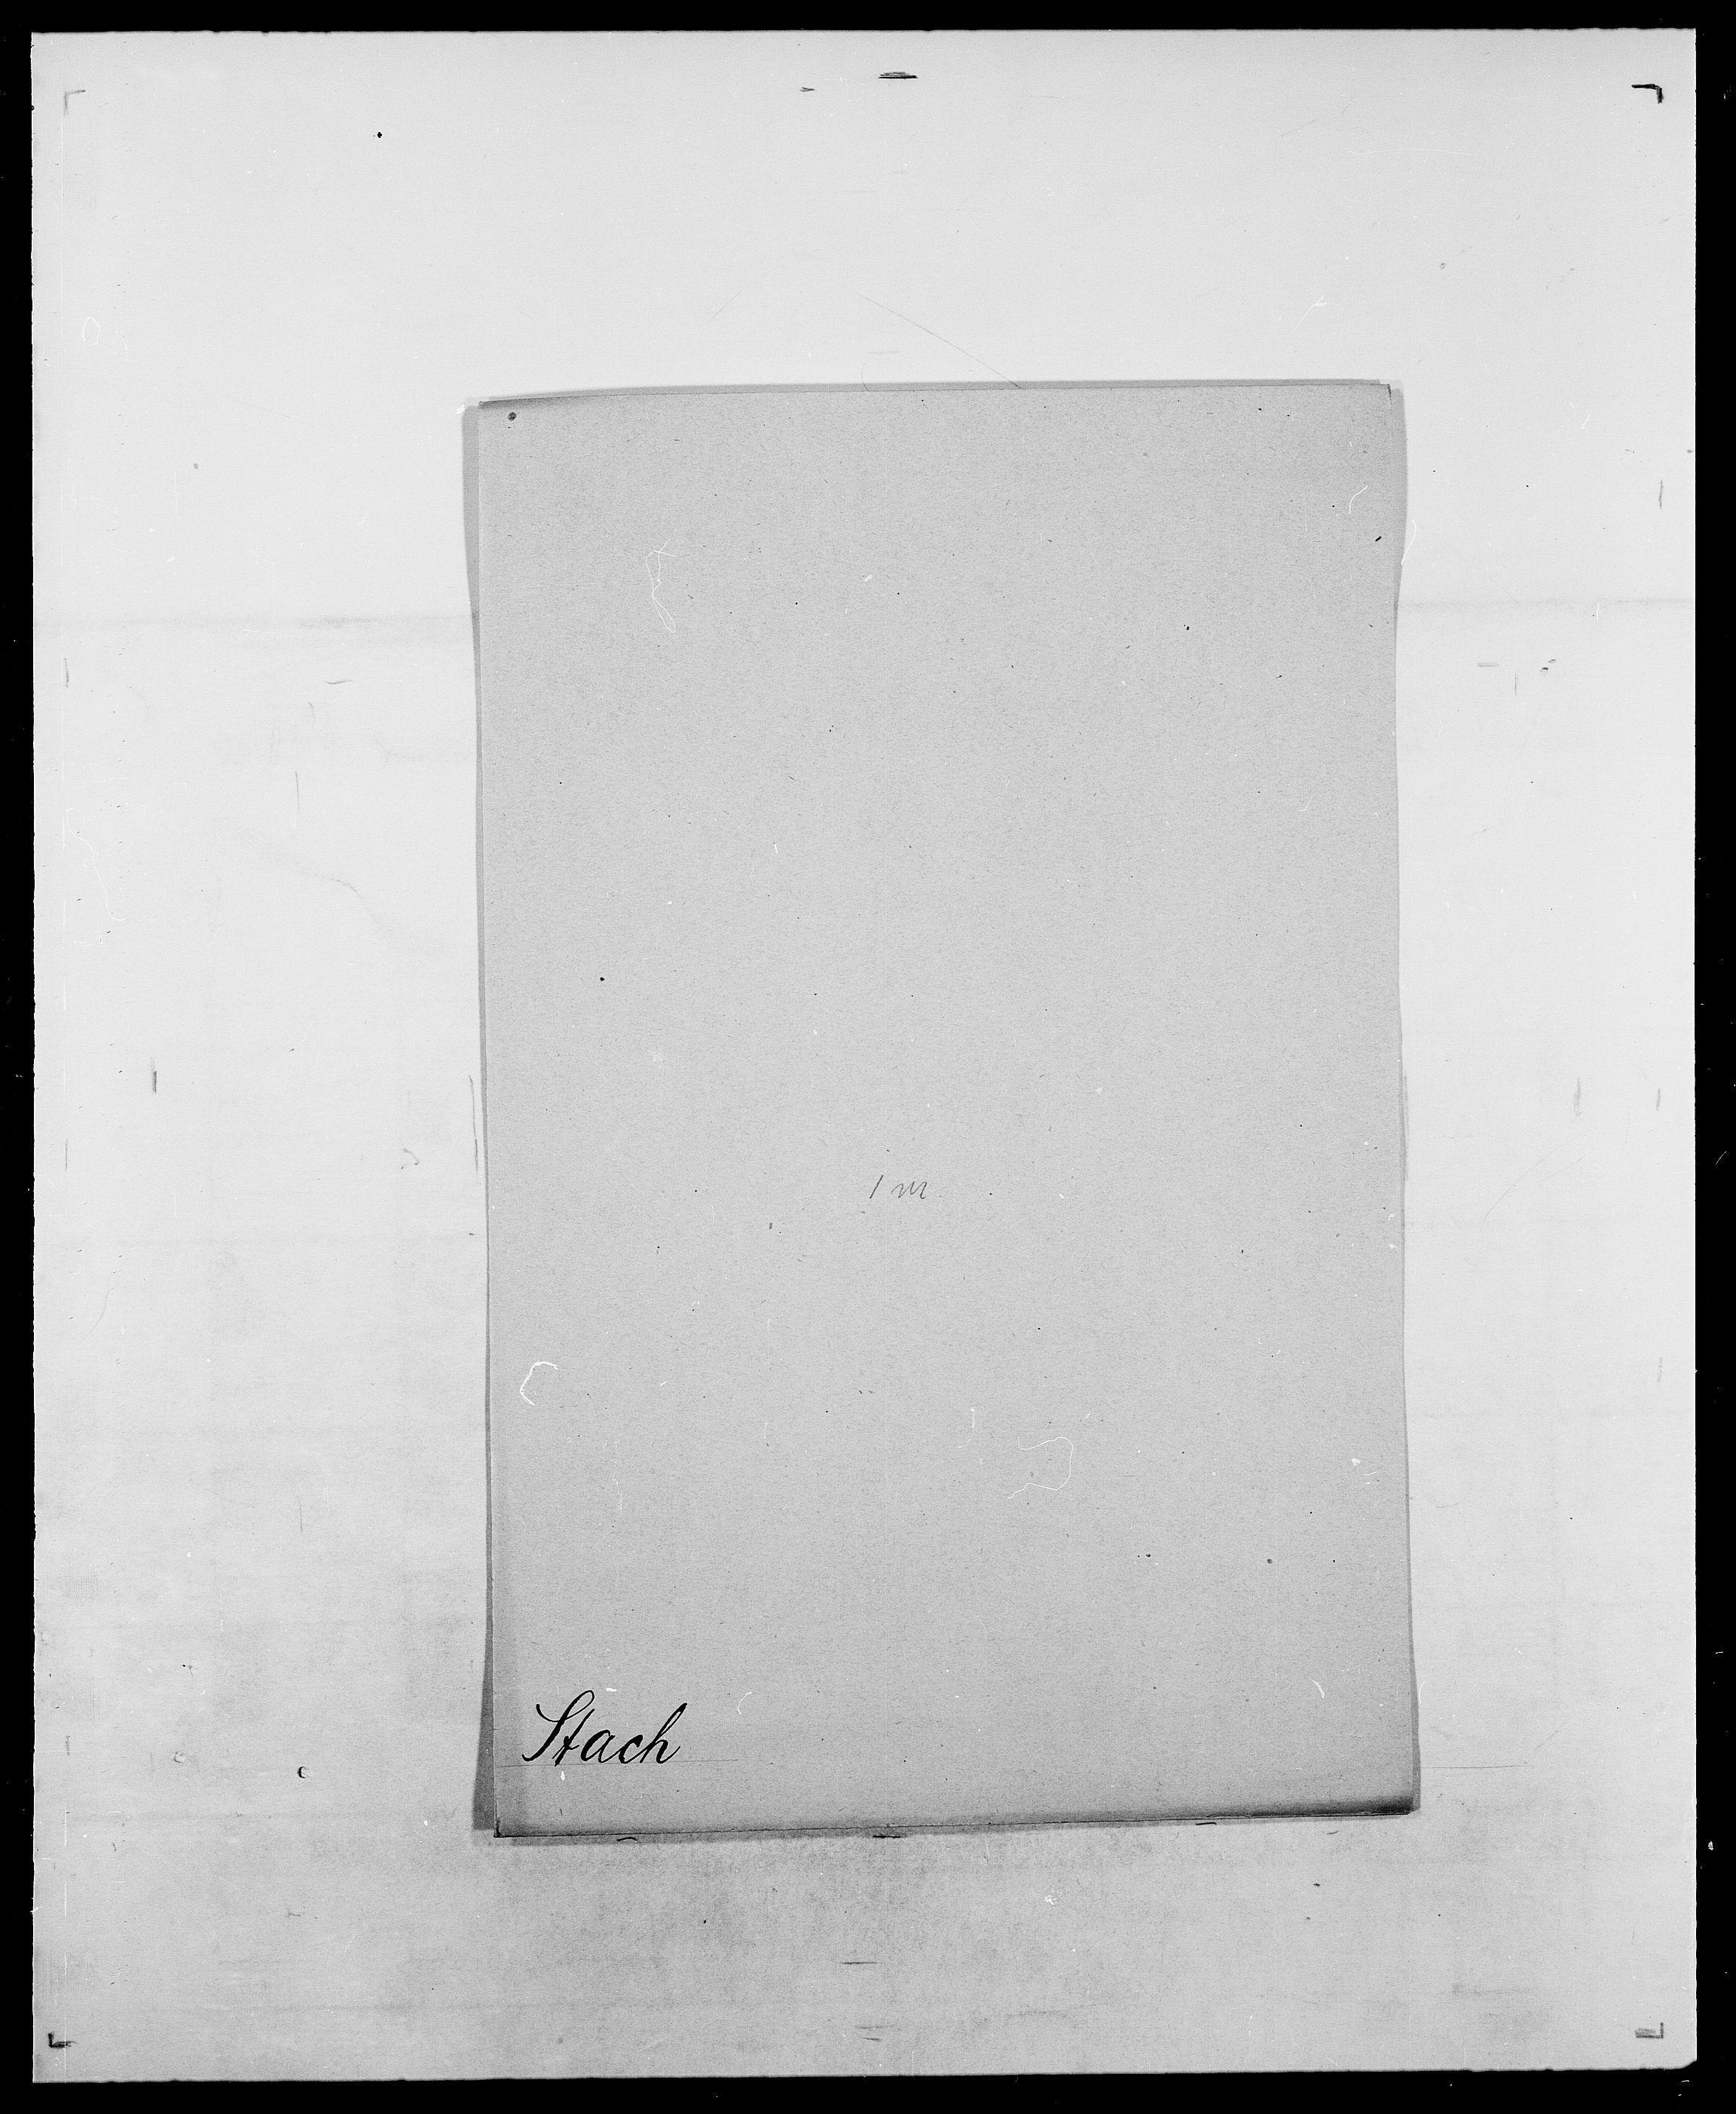 SAO, Delgobe, Charles Antoine - samling, D/Da/L0036: Skaanør - Staverskov, s. 916